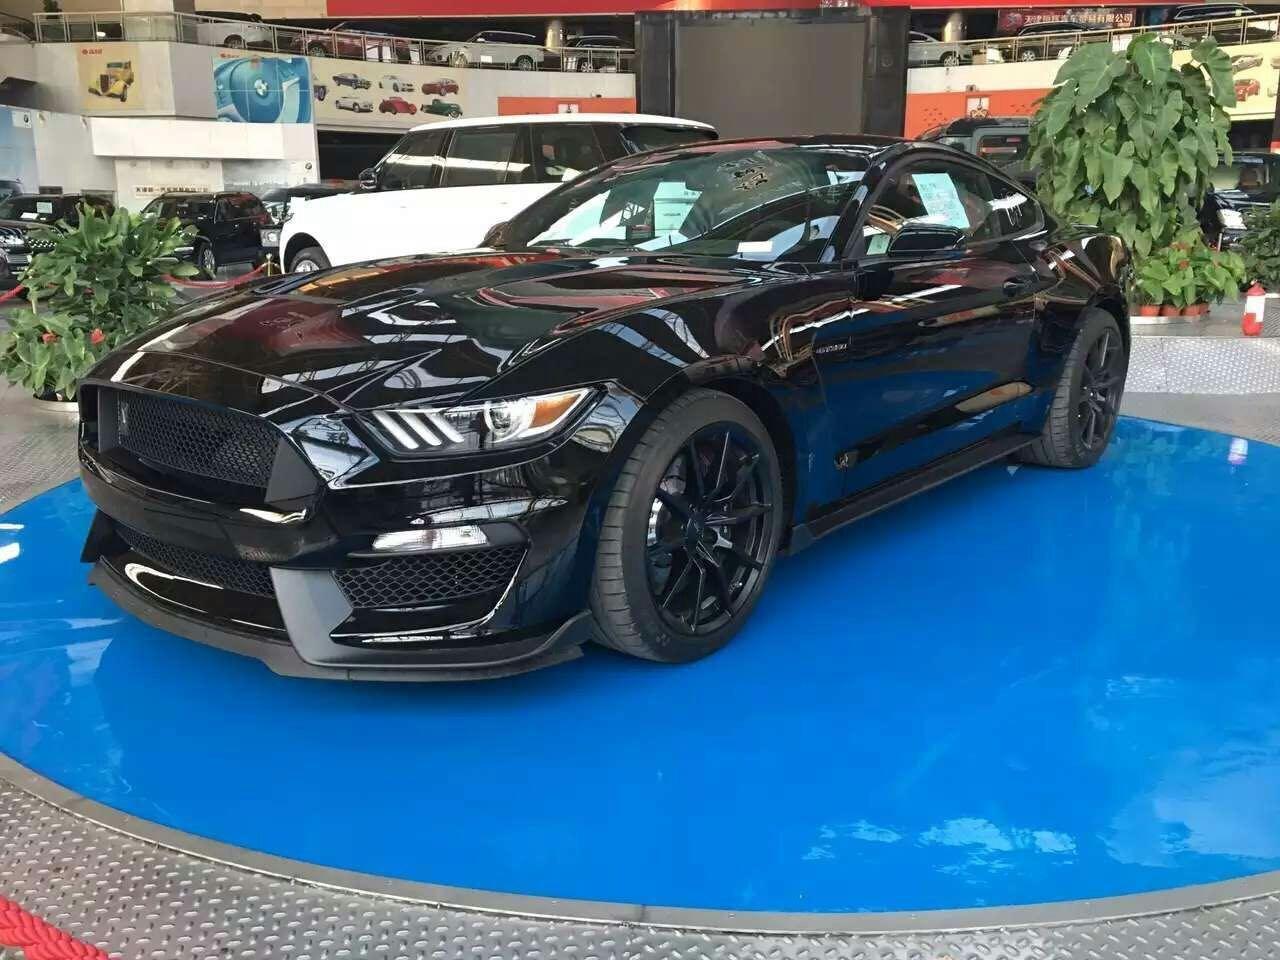 16款福特野马Shelby眼镜蛇 黑色跑GT350高清图片